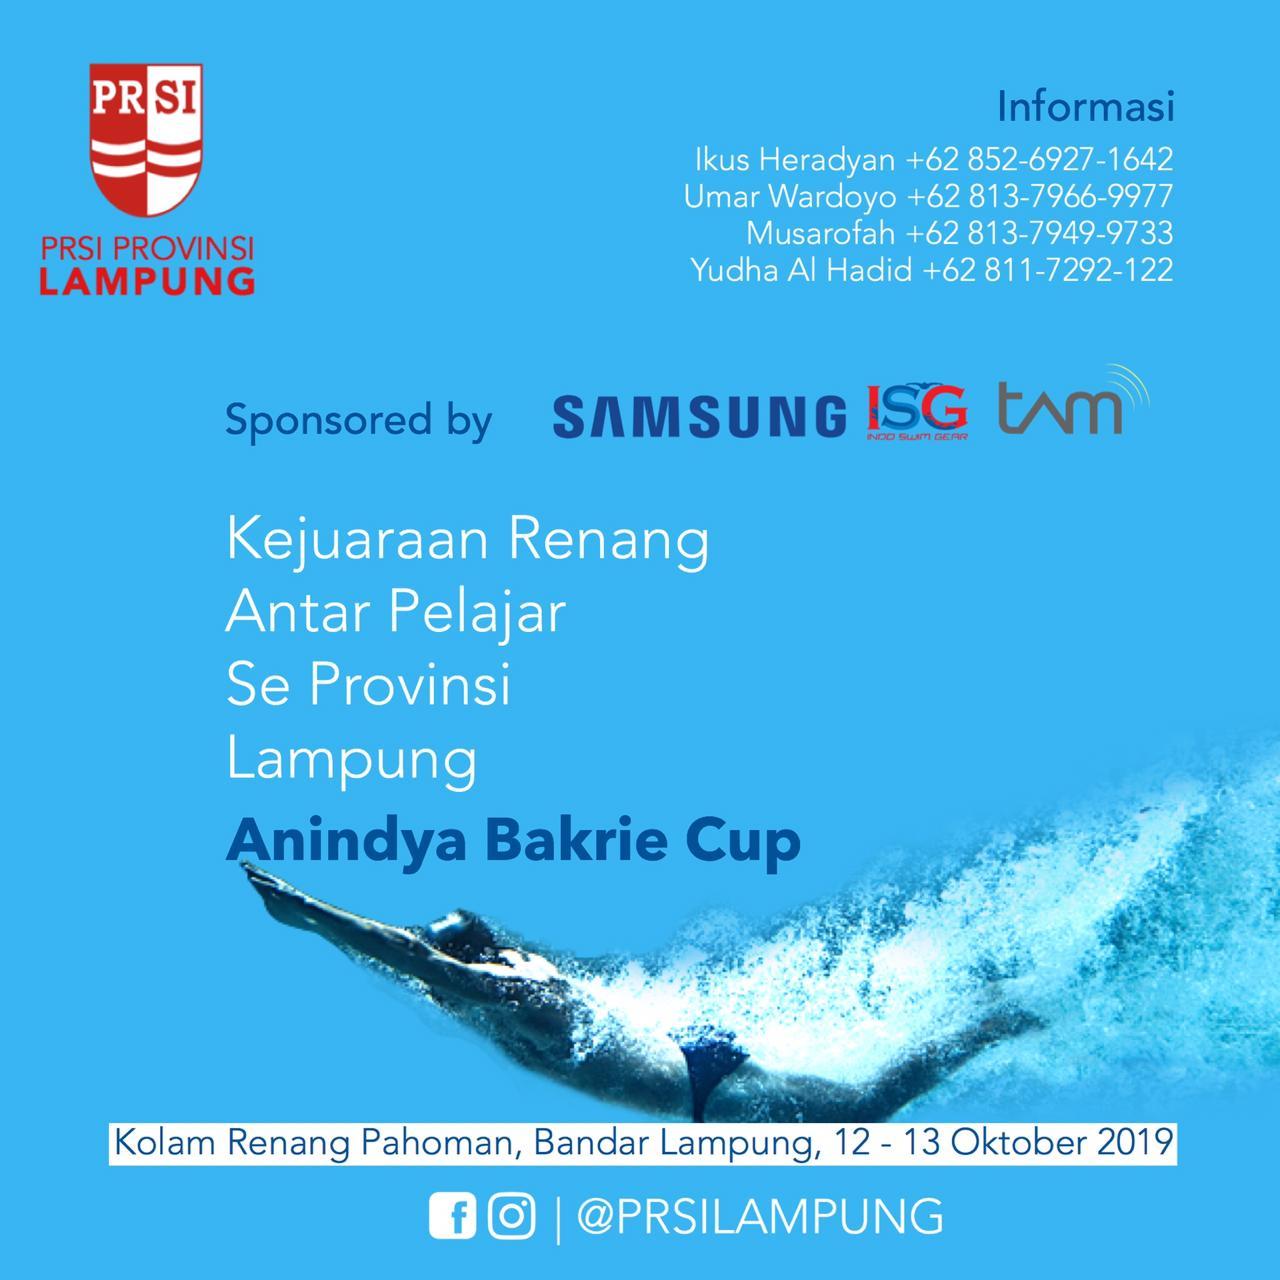 Anindya Bakrie Cup